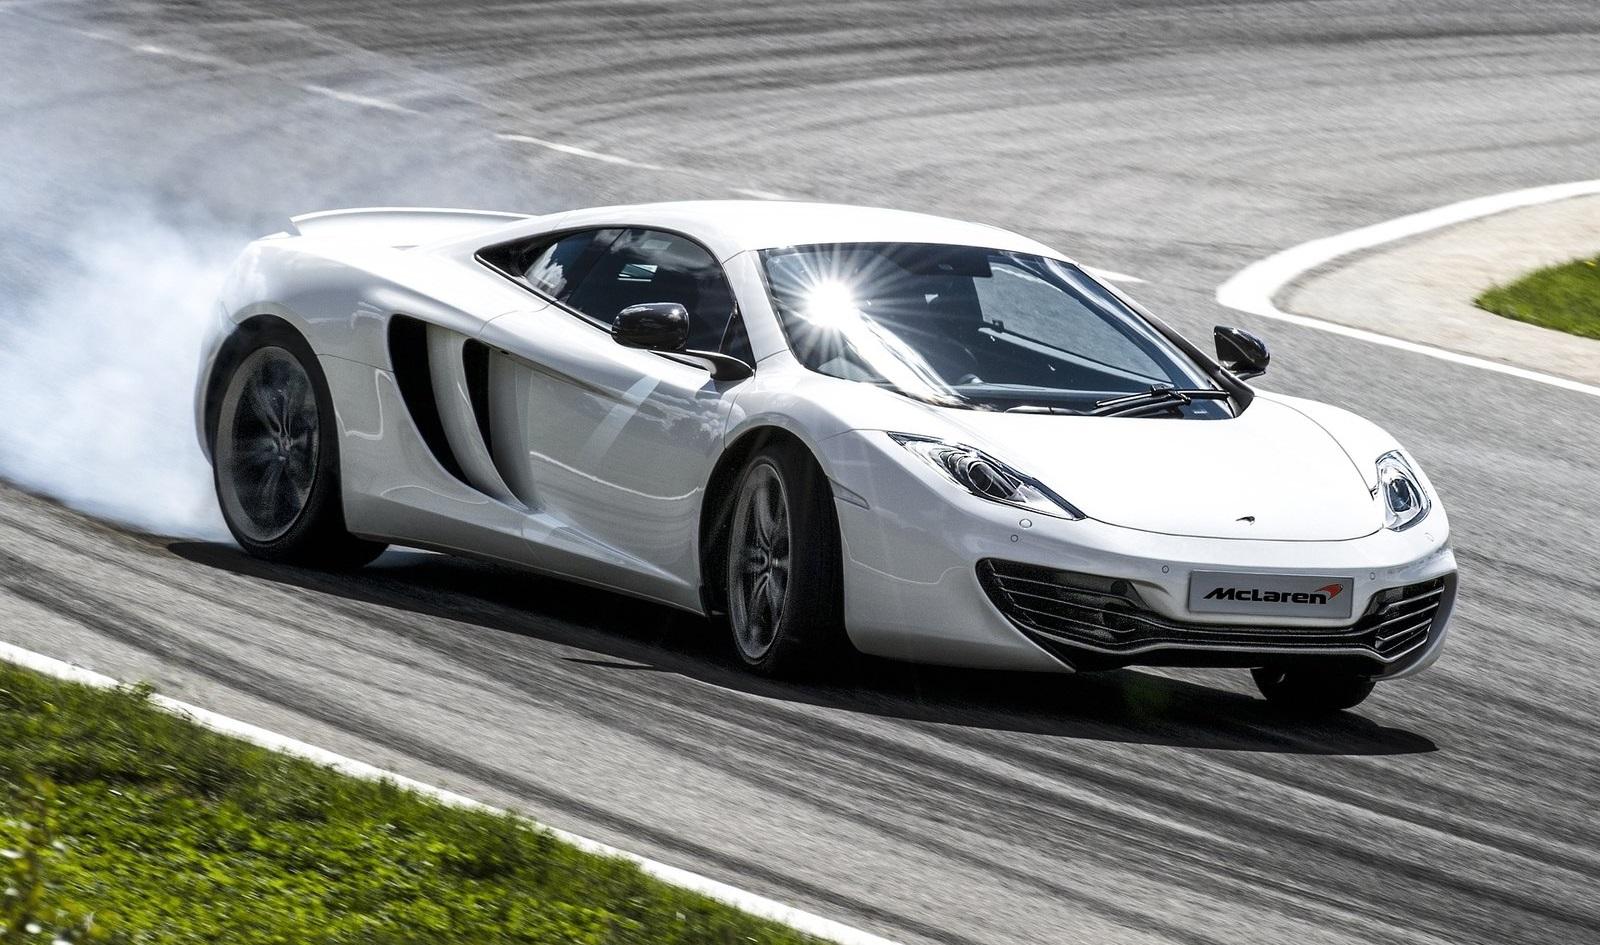 McLaren-MP4-12C_2013_1600x1200_wallpaper_03